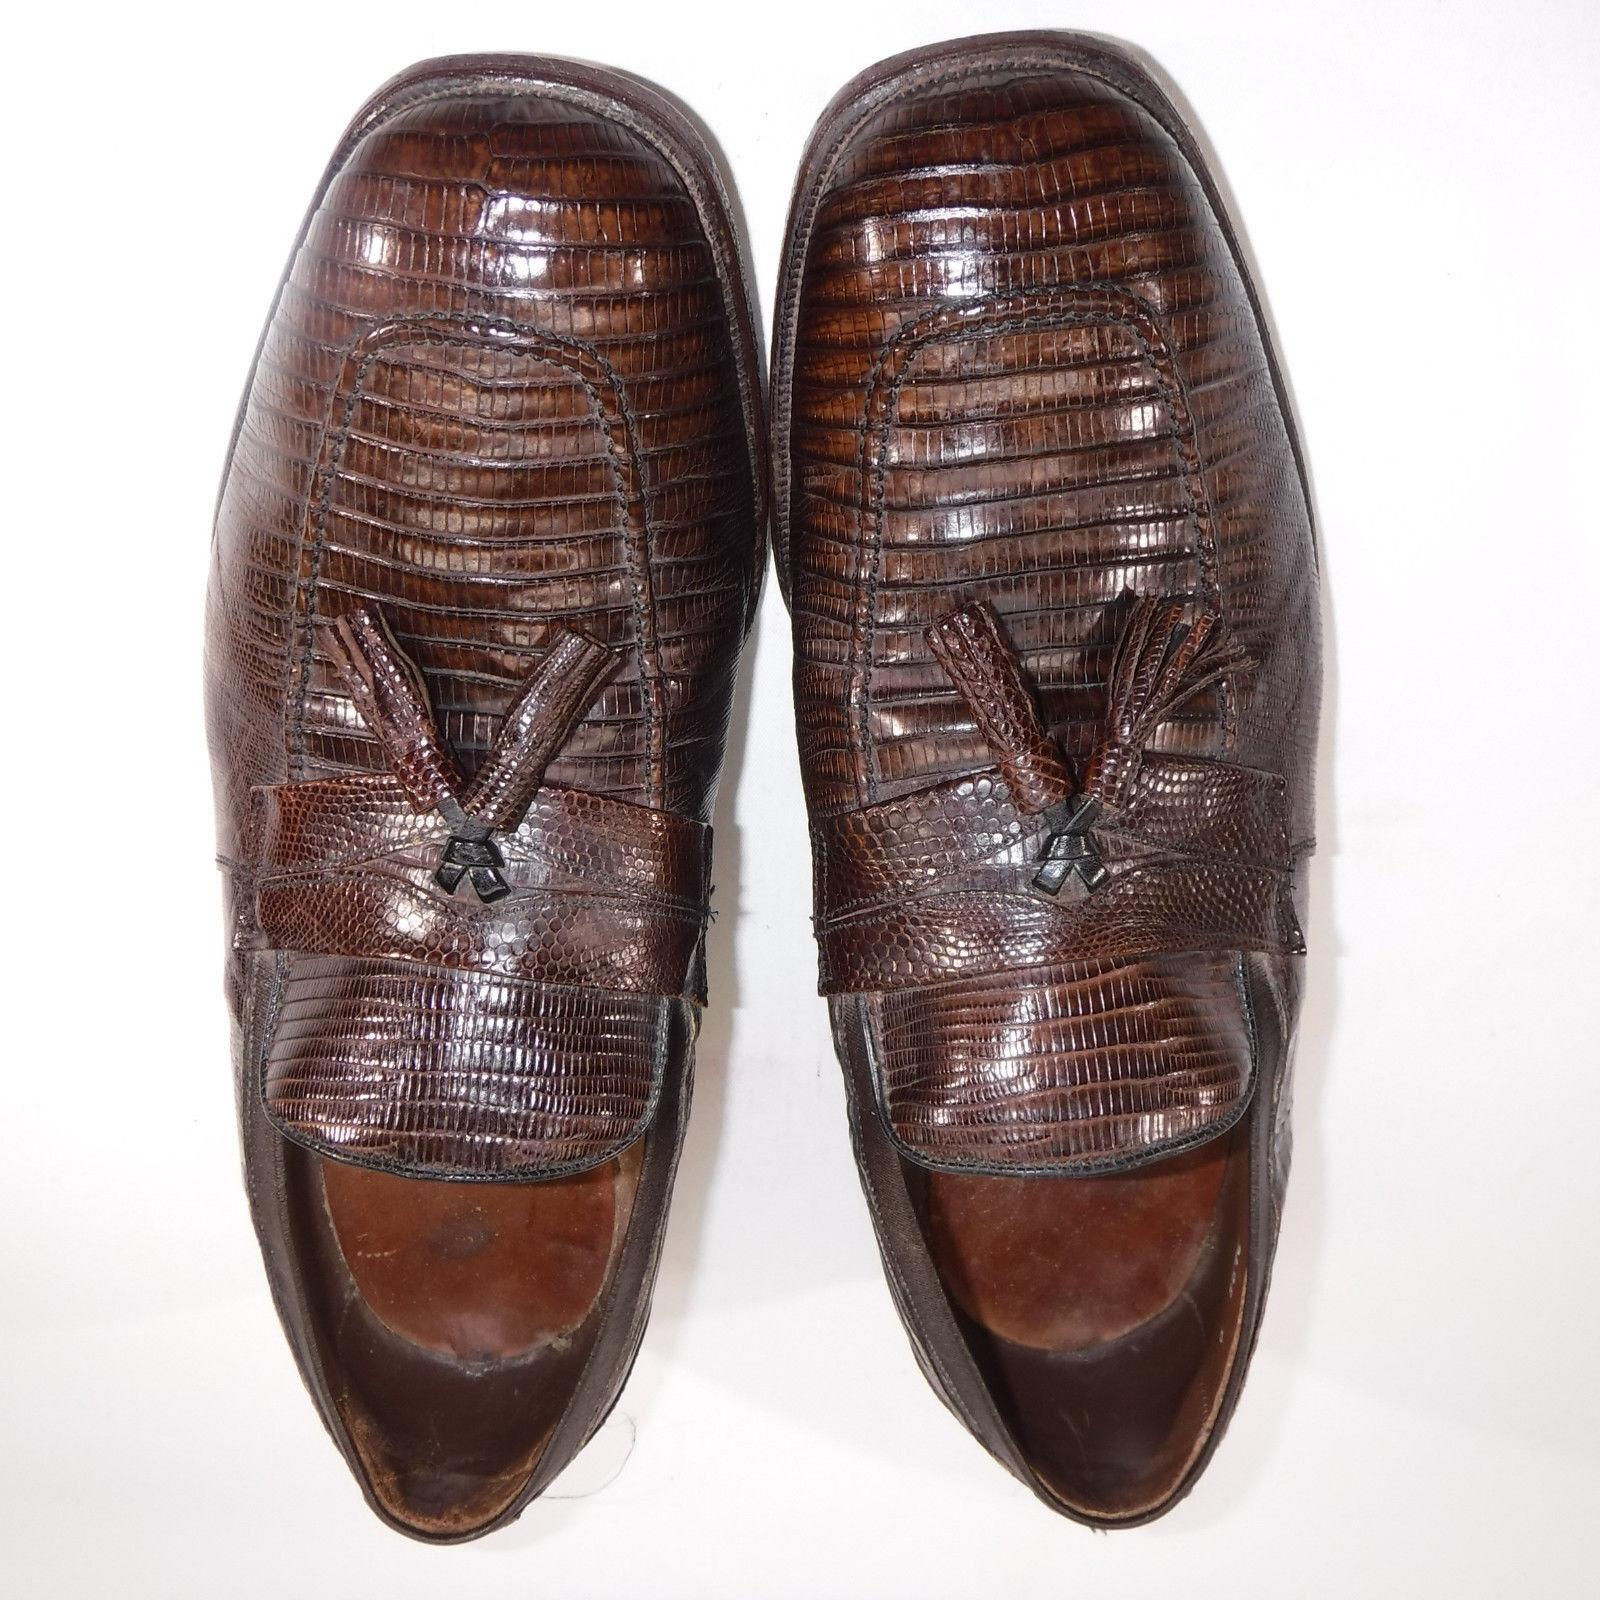 Allen Edmonds Uomo marrone Clayton Loafers Exotic Lizard Tassel Scarpe Sz 10 1/2 D